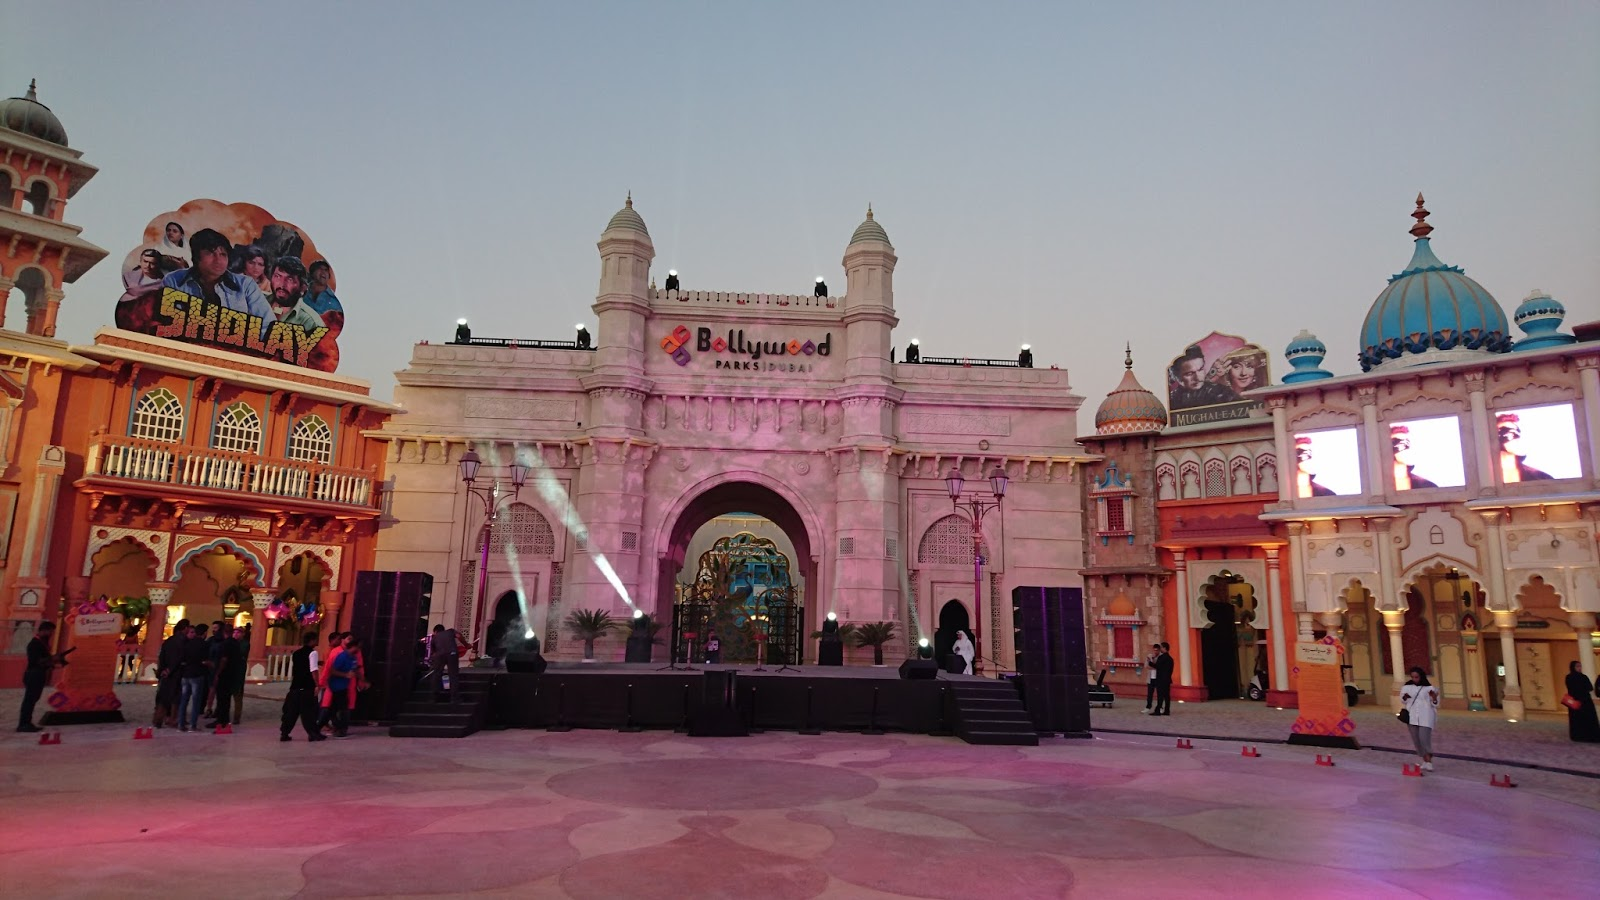 صور اماكن سياحية في دبي للعائلات , افضل الاماكن السياحيه في دبي للعوائل